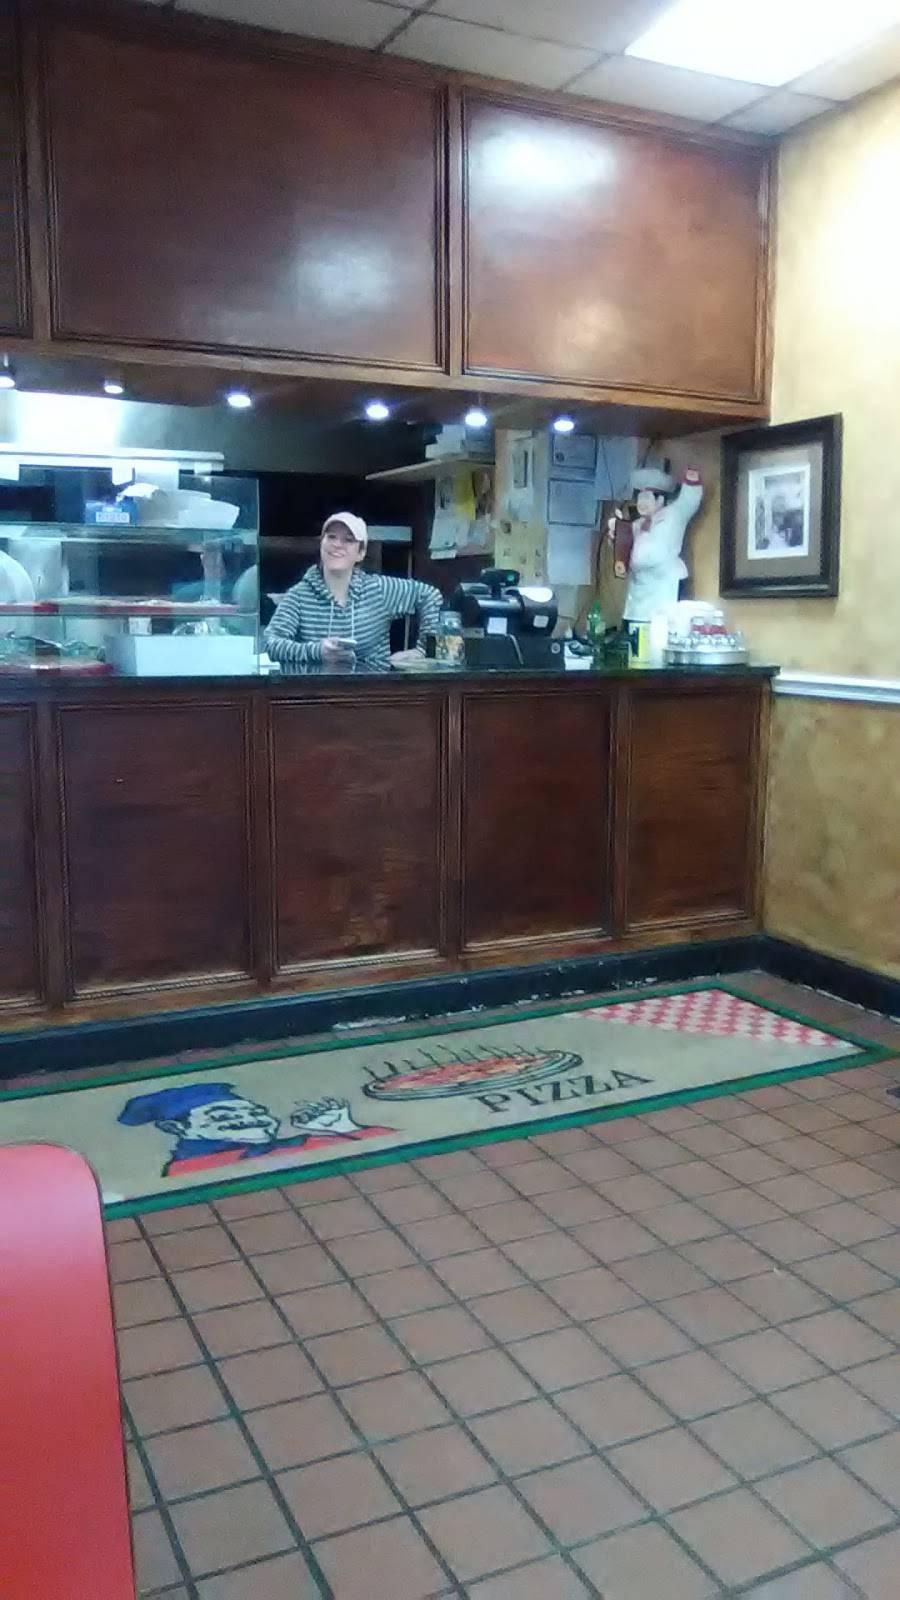 Sals Pizzeria | restaurant | 1020 Wolcott Ave, Beacon, NY 12508, USA | 8458315800 OR +1 845-831-5800